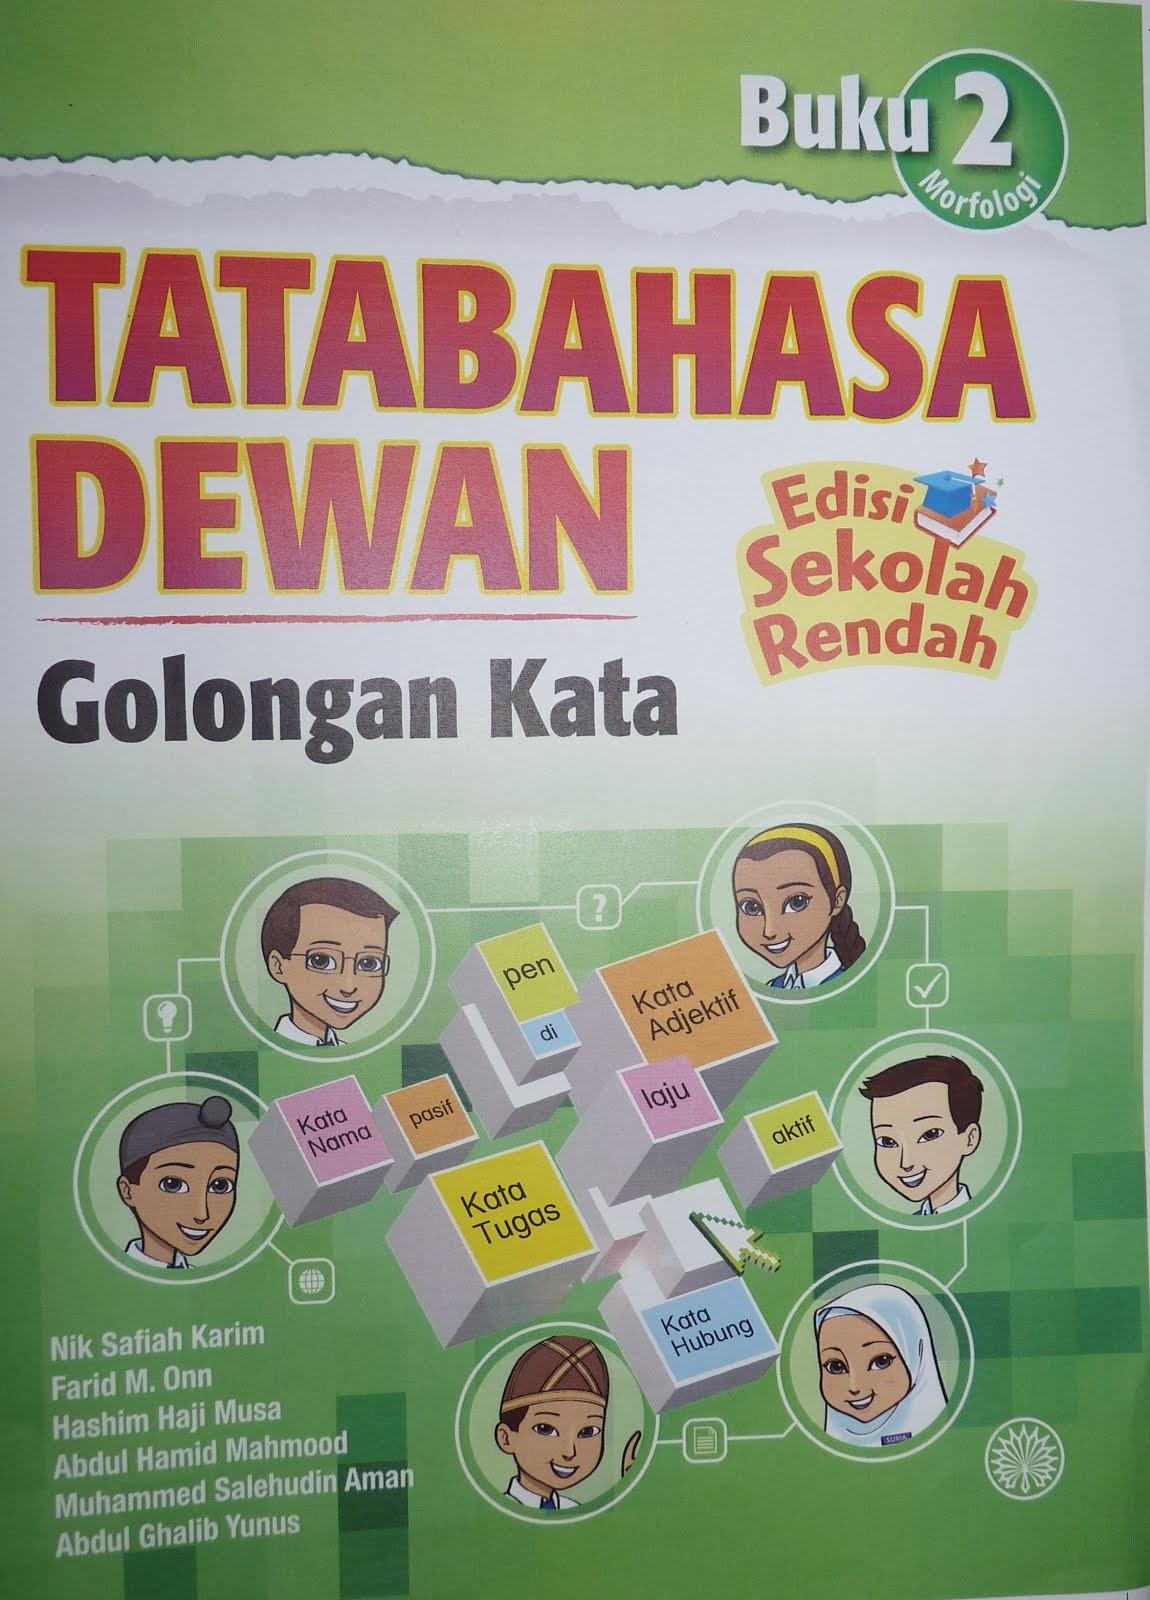 Buku Tatabahasa Dewan Edisi Sekolah Rendah (Buku 2)- Golongan Kata